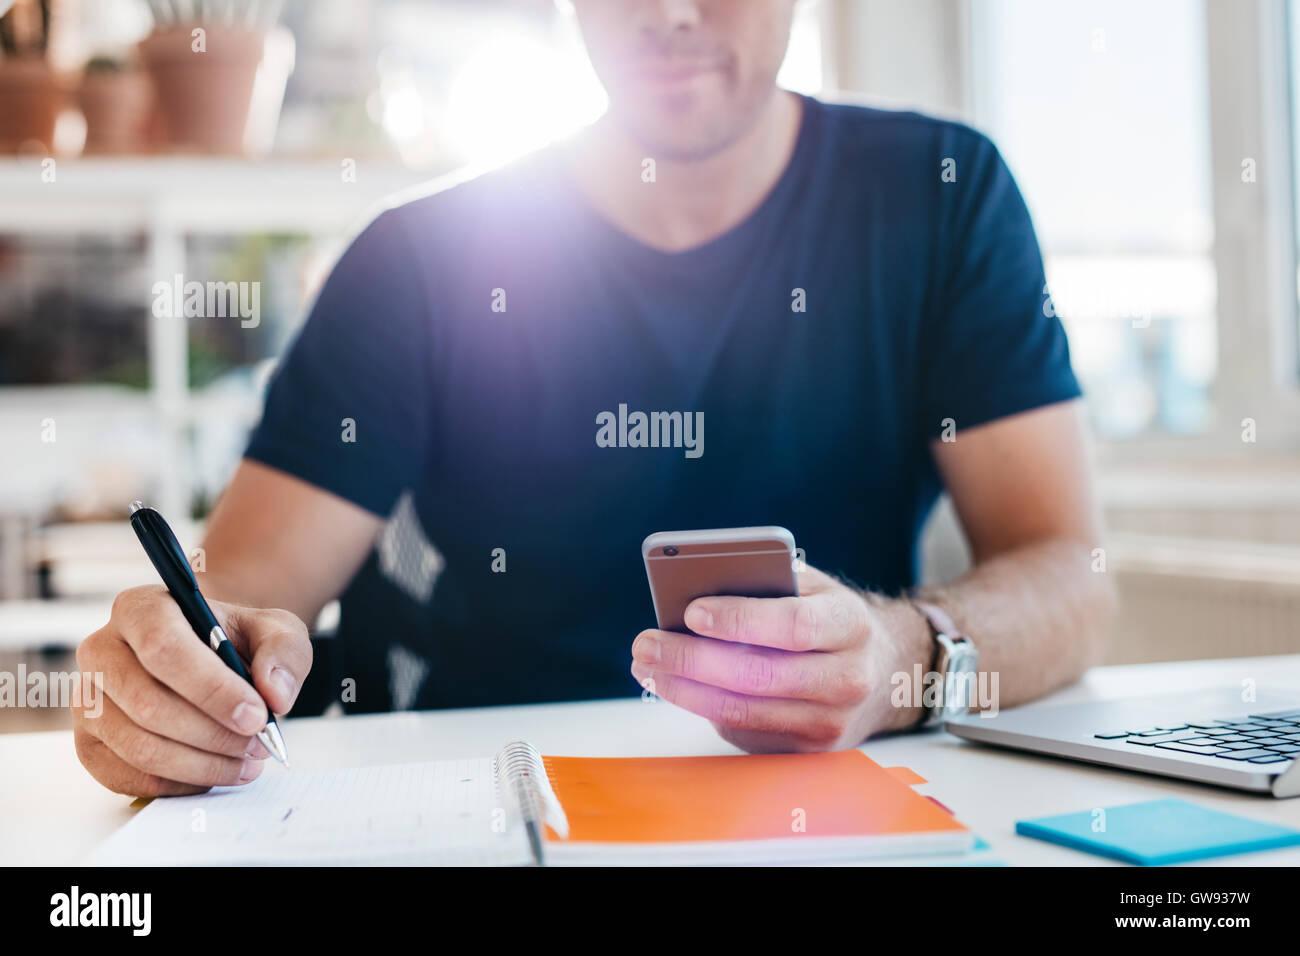 Geschäftsmann mit Handy während des Schreibens im Tagebuch. Schuss von Mannhände an seinem Schreibtisch Stockbild